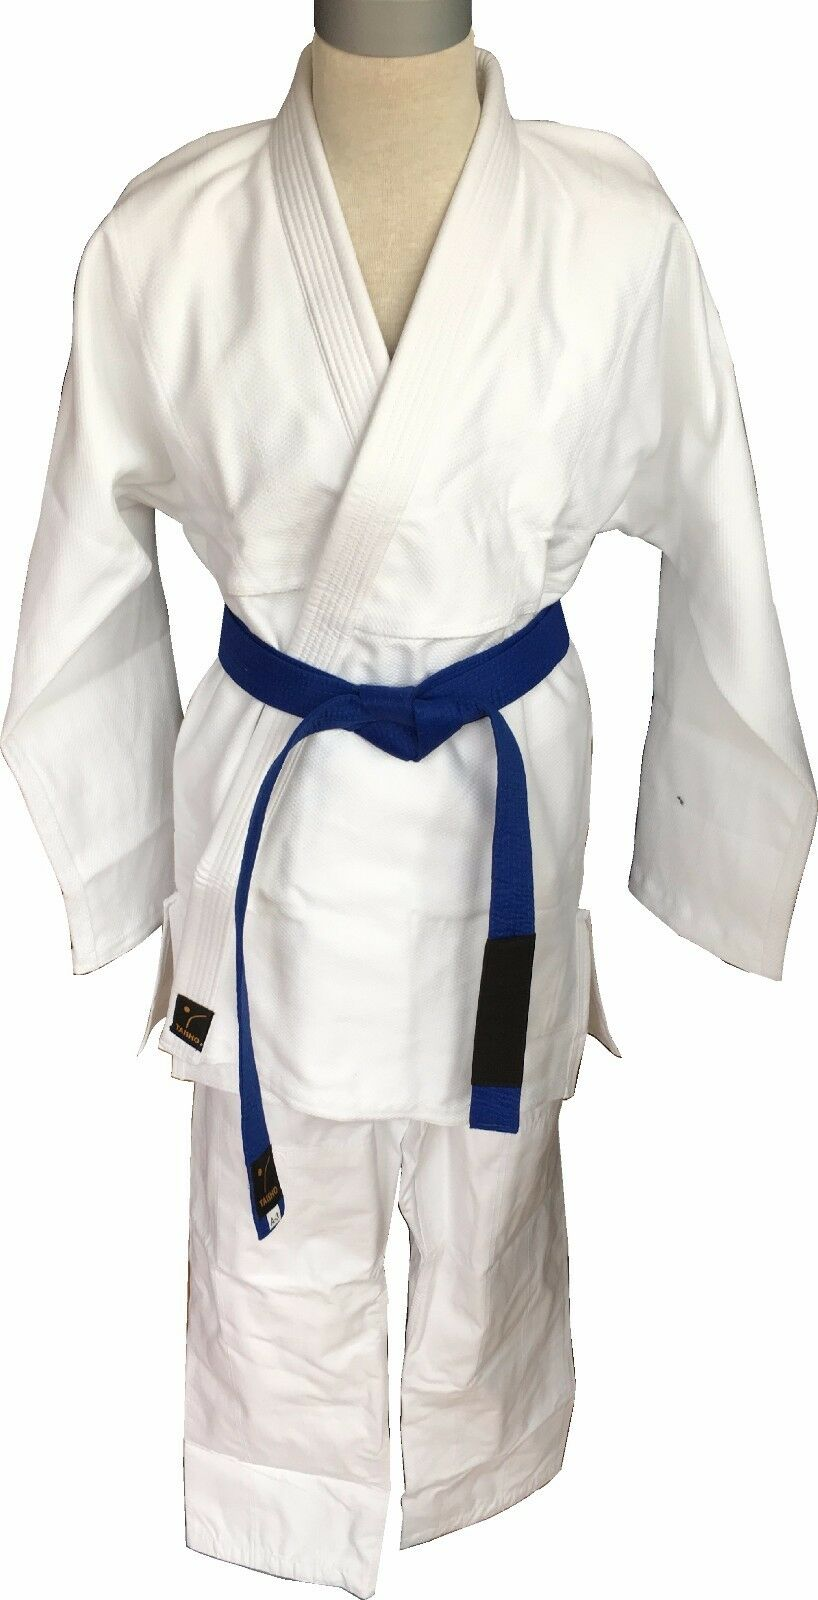 BJJ Gi  Adults  Brazilian JiuJitsu Suit in White - No Patches by TAISHO